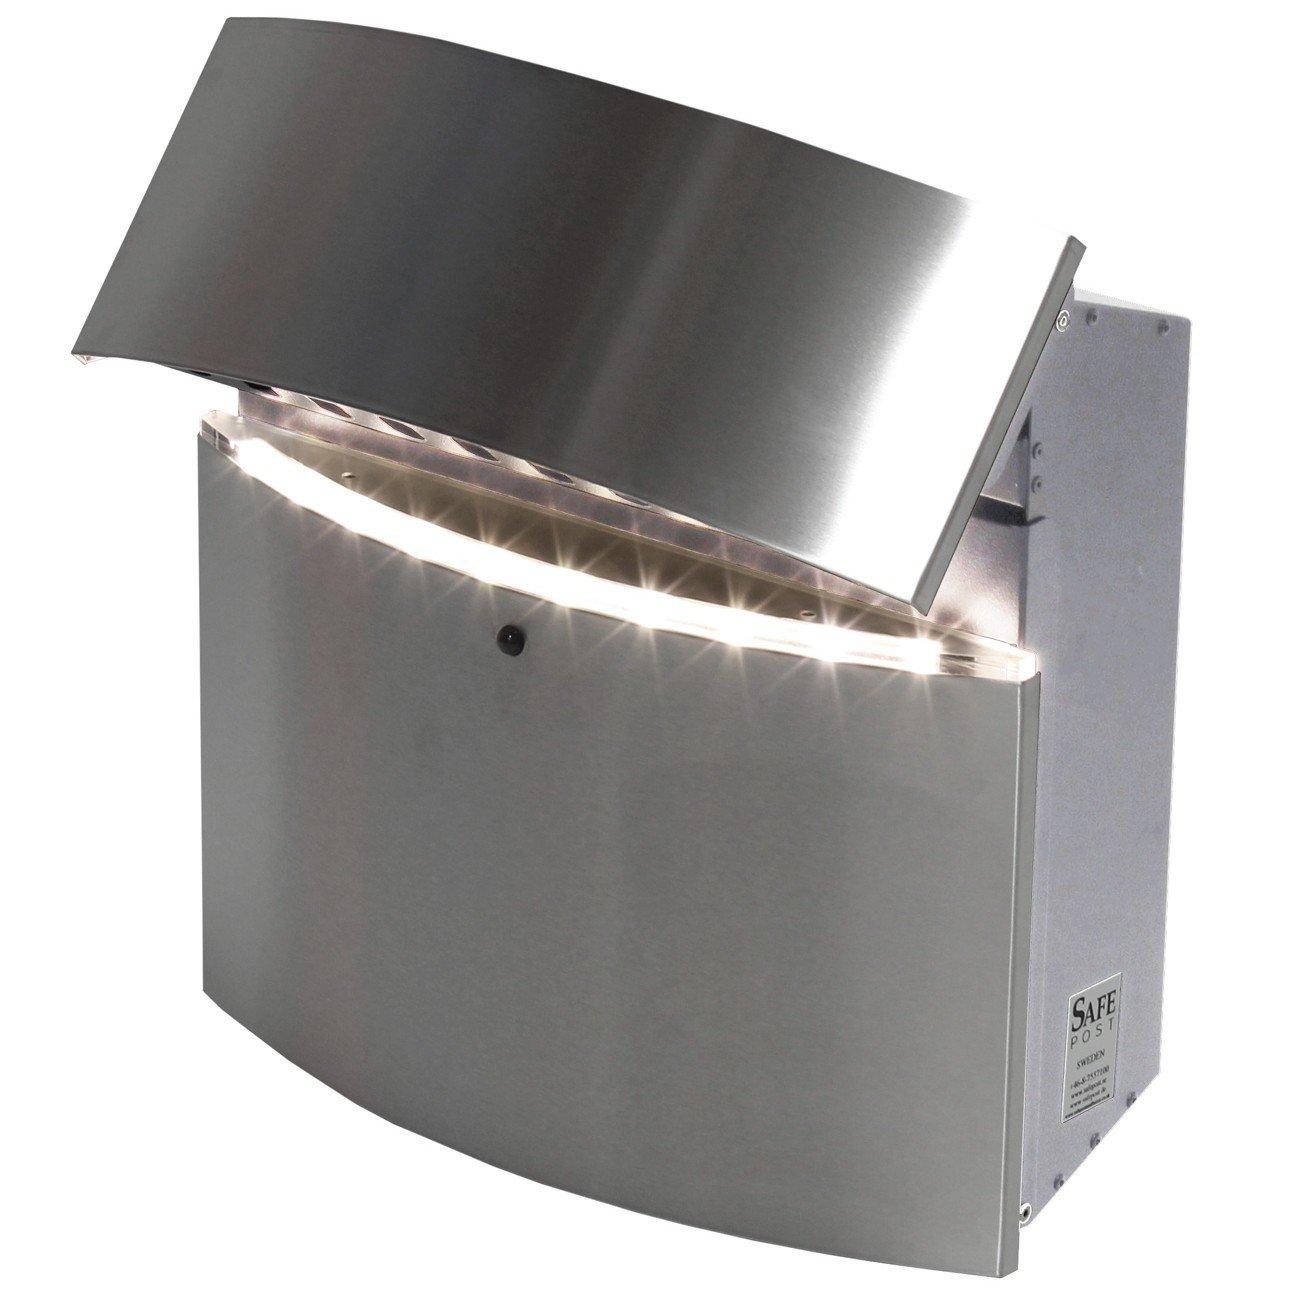 SafePost 124 LED Briefkasten, Edelstahlfront, Bewegungsmelder 39,5 x 40 cm  BaumarktKundenbewertung und Beschreibung